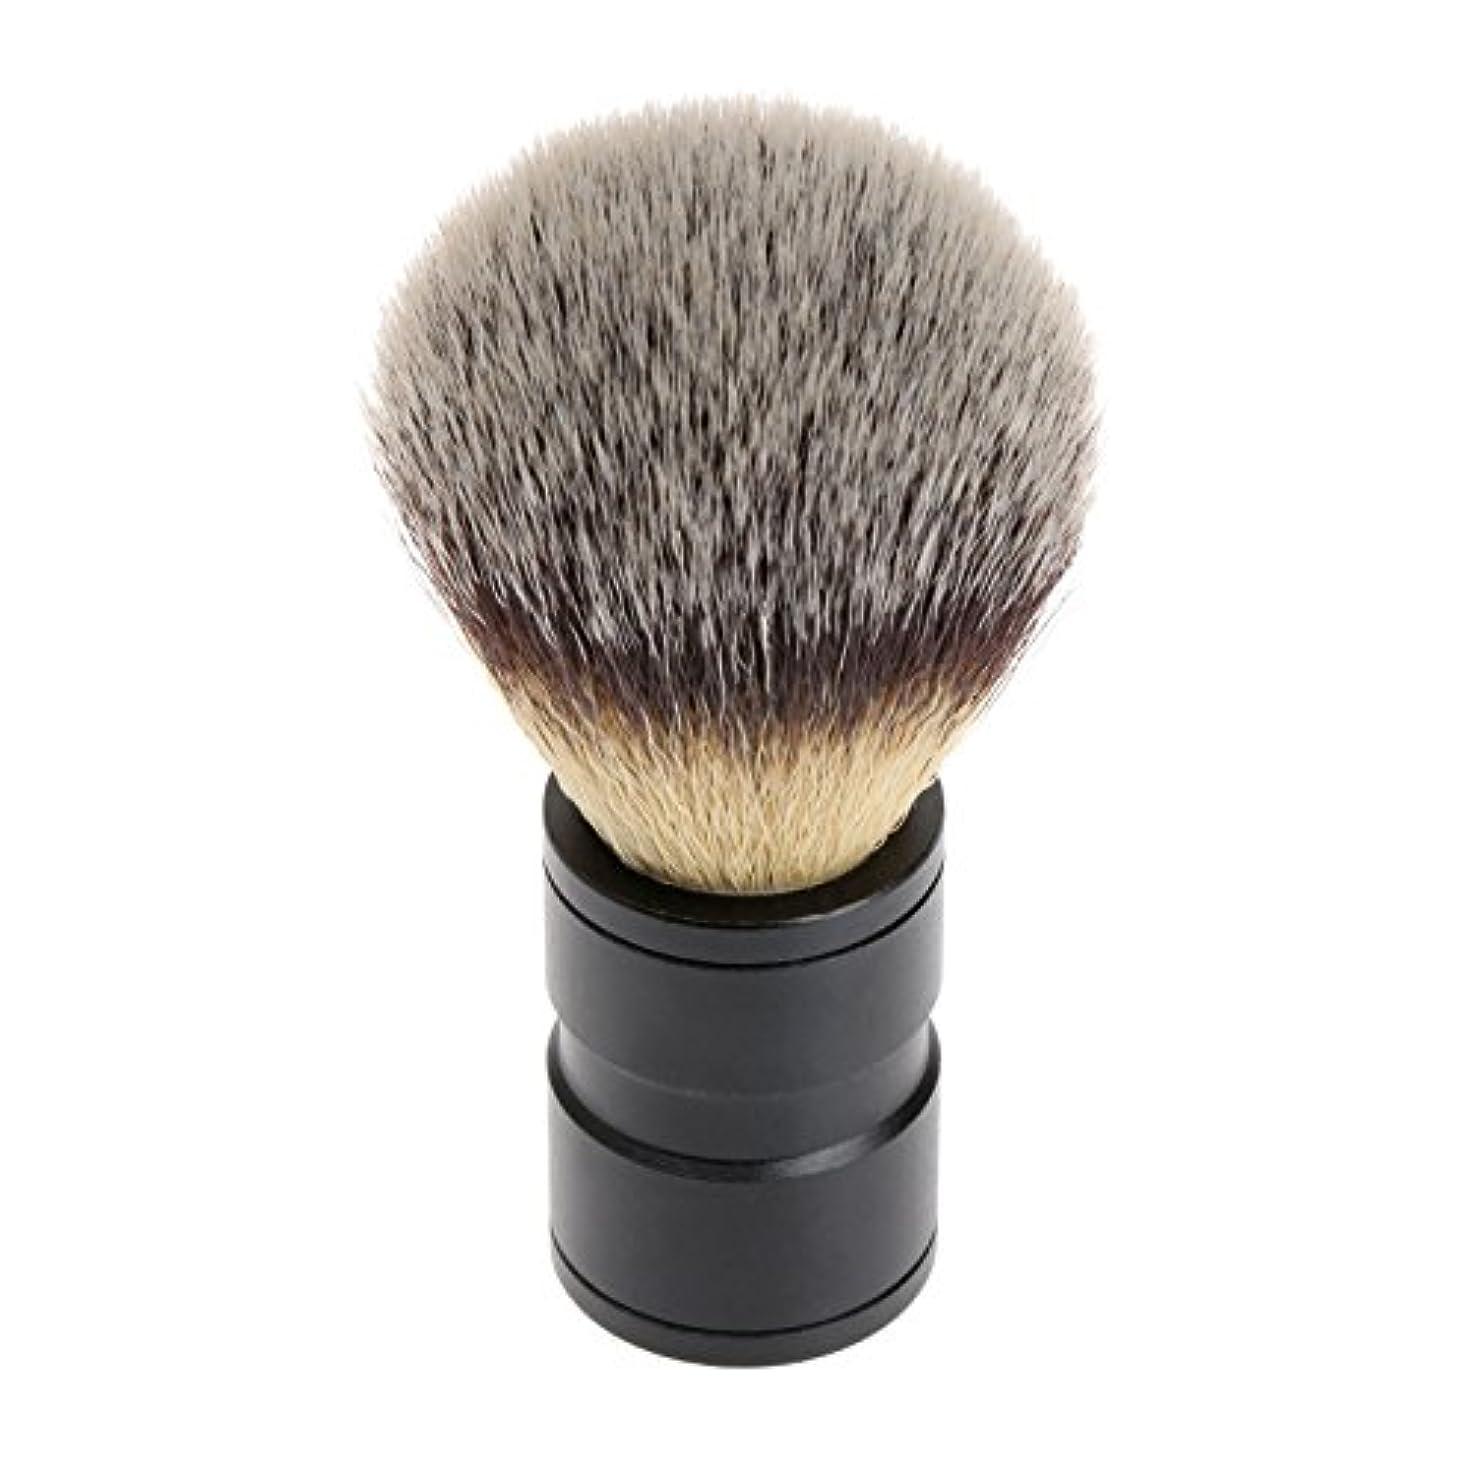 地殻真実の間でシェービング ブラシ 理容 洗顔 髭剃り マッサージ 効果 ナイロン毛 メンズ